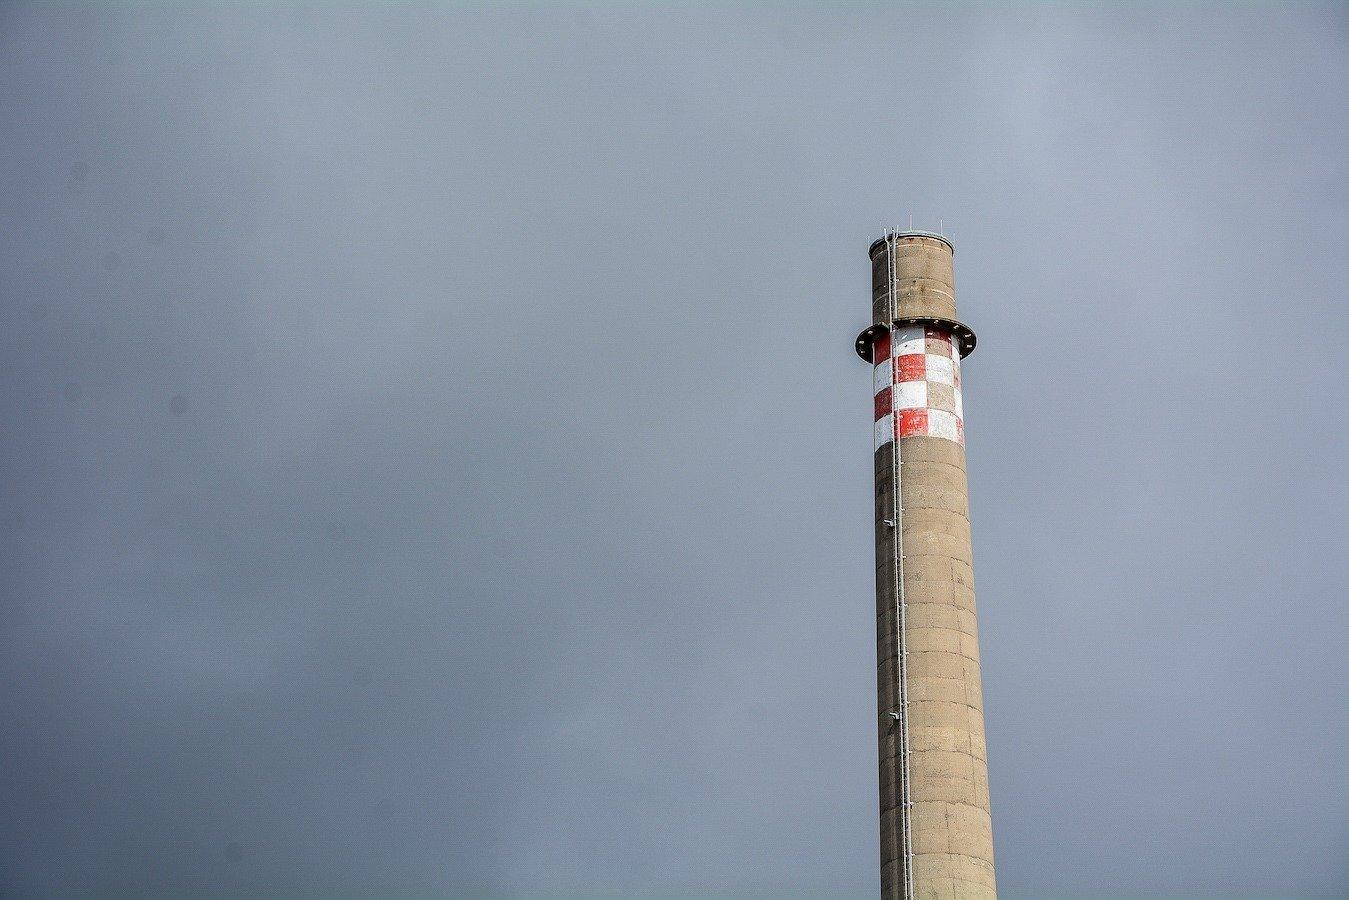 schornstein chimney kernkraftwerk greifswald nuclear powerplant ost deutschland east germany gdr DDR mecklenburg vorpommern